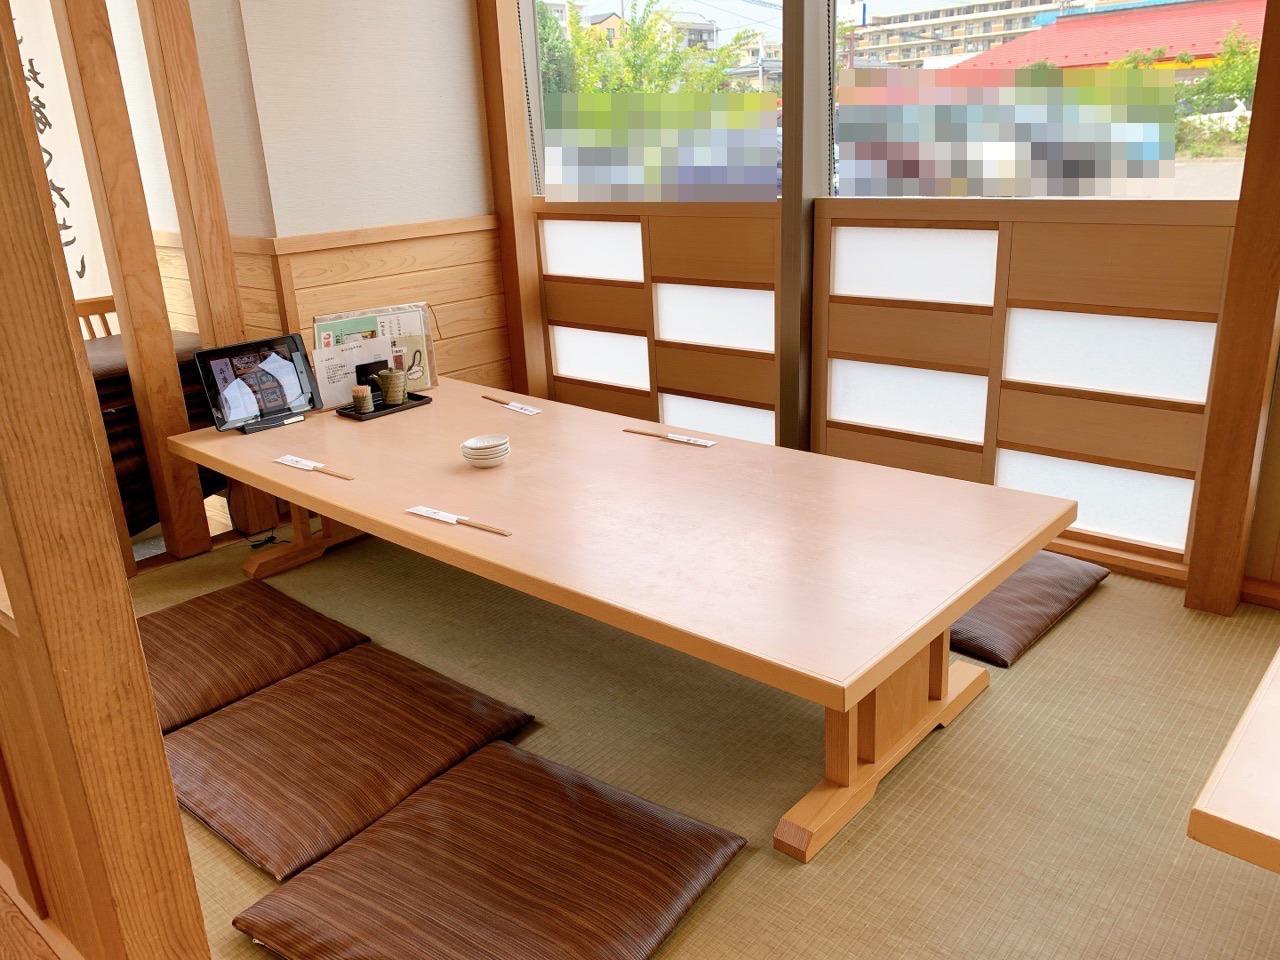 佐渡の寿司 弁慶 イオン新潟青山店の雰囲気やメニューについて